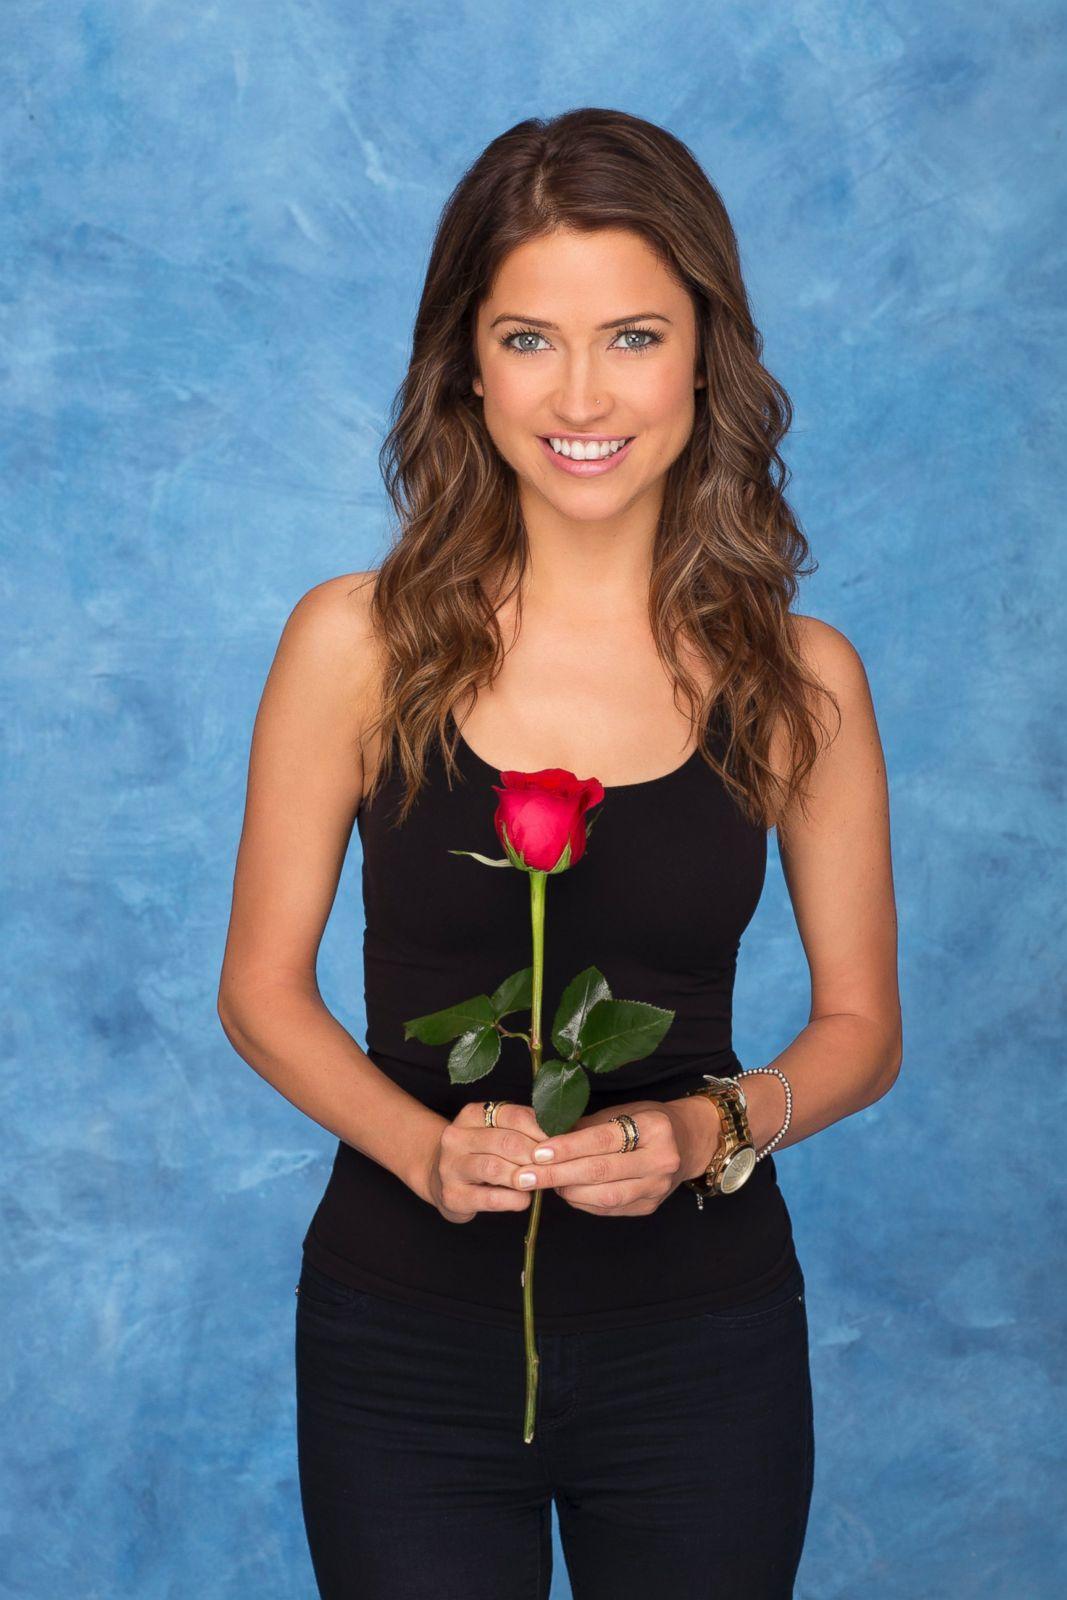 Meet The New Bachelorette Contestants Photos